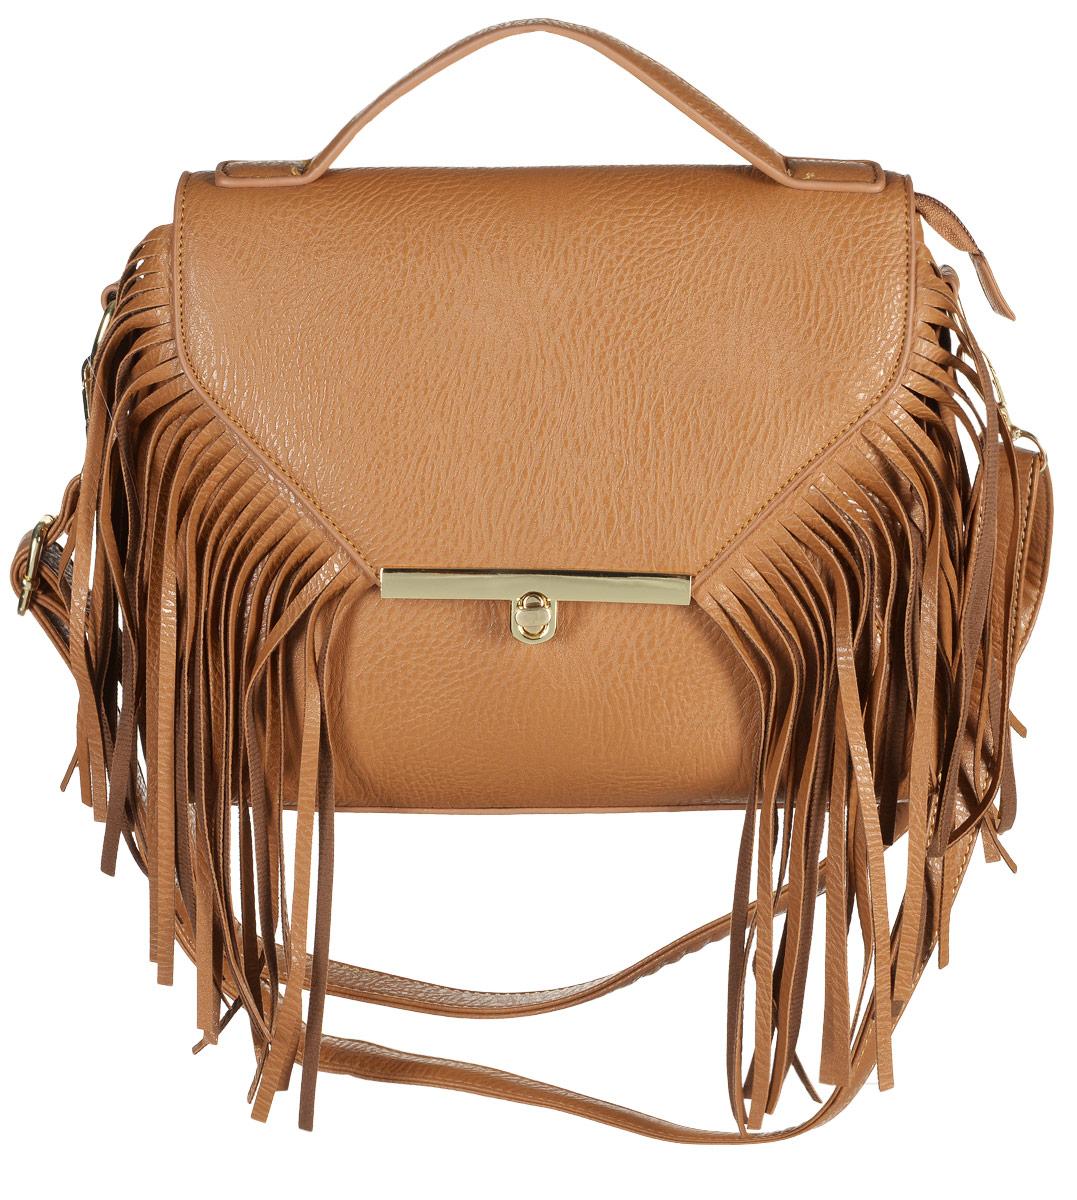 Сумка женская Kawaii Factory Бахрома, цвет: светло-коричневый, KW100-00011271069с-2Оригинальная сумка Бахрома от Kawaii Factoryстильно сочетается с одеждой из различных материалов - хлопка, шерсти, трикотажа, кружева и множества других. Эта сумочка с длинной бахромой сделана из искусственной качественной кожи и имеет две ручки - короткую и отстегивающуюся длинную с возможностью регулировки длины.Внутренний объем позволяет вместить в аксессуар все необходимое. Модель имеет одно основное отделение, закрывающееся на замок-вертушку. Внутри имеется прорезной кармашек на застежке-молнии и два накладных кармана для телефона и мелочей.С этой сумочкой вы сможете сделать свой образ неординарным и эффектным.